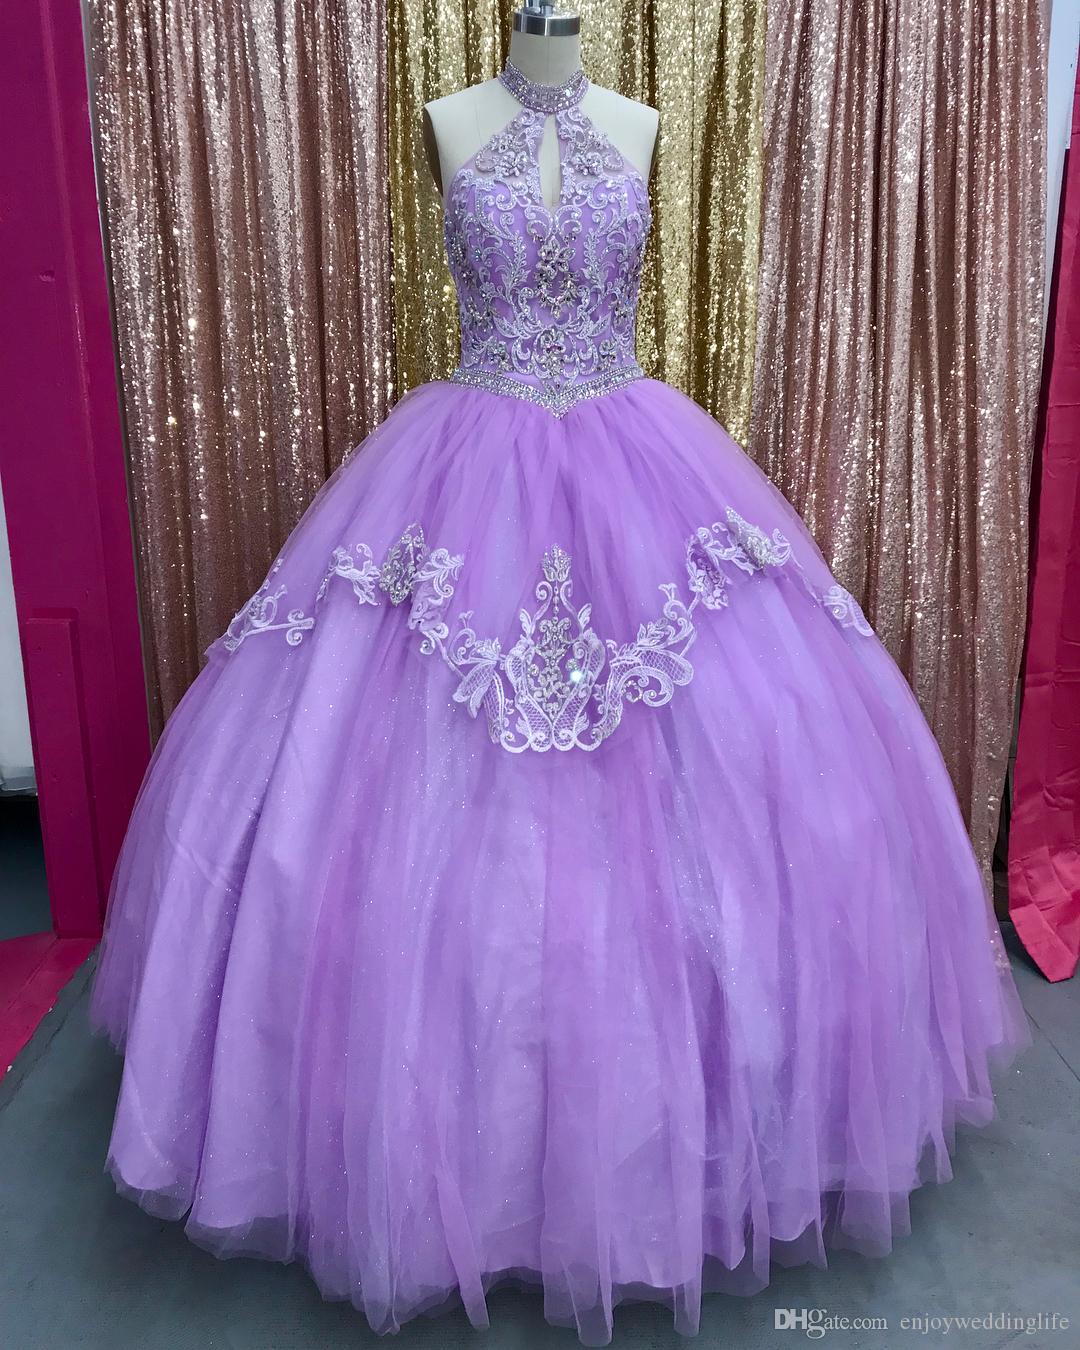 Светло-фиолетовый воротник с бисером Tquinceanera платья 2019 New Ongyza кружево-аппликационные бисером баллы сладкие 15 конкурса платья платья